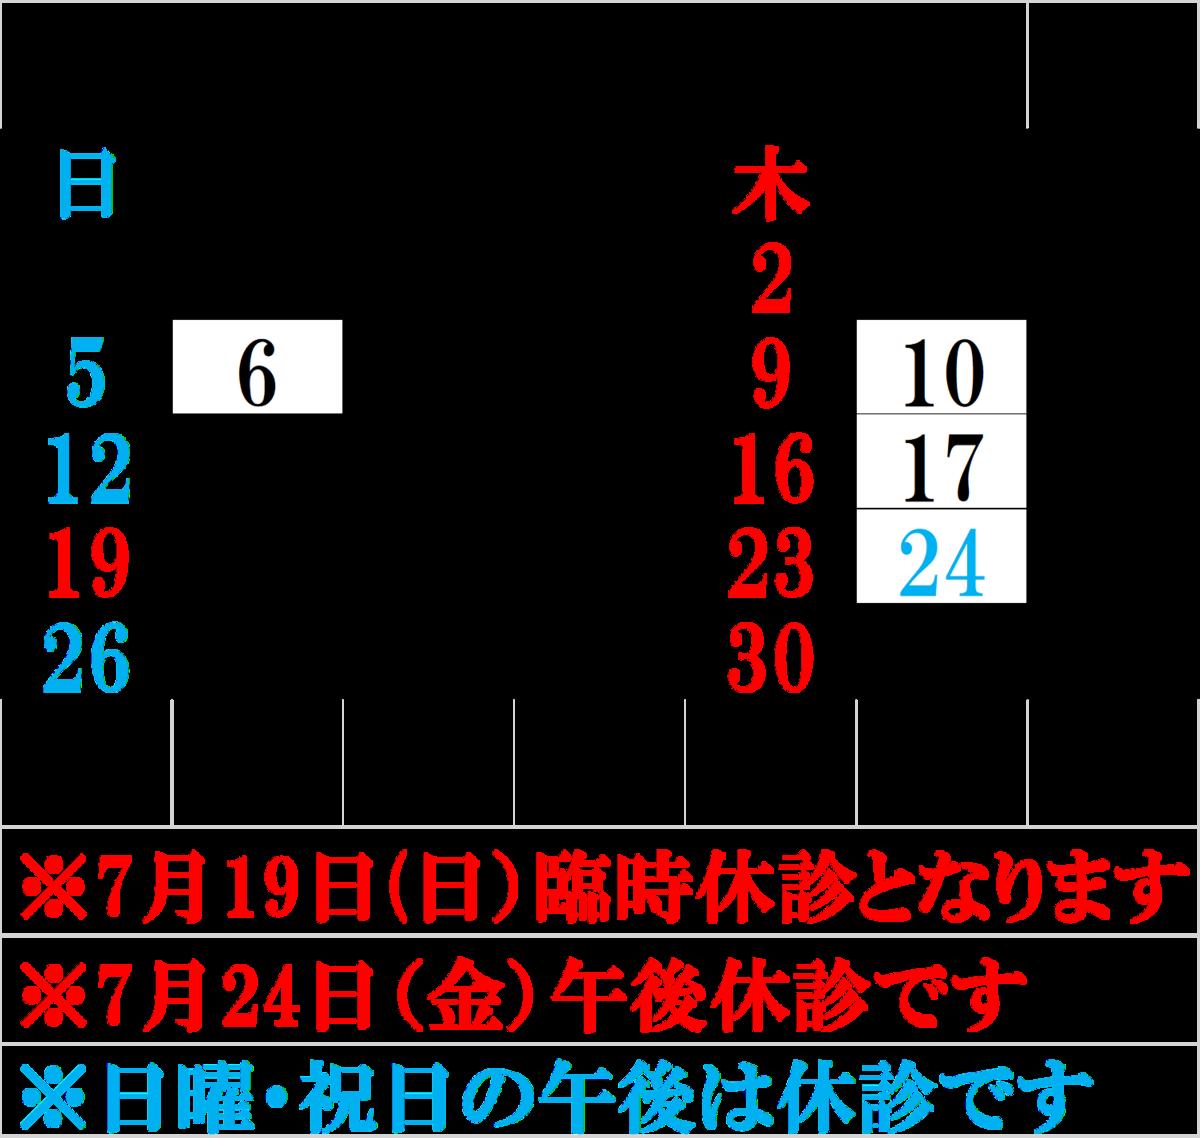 f:id:kinase_ah:20200630105104p:plain